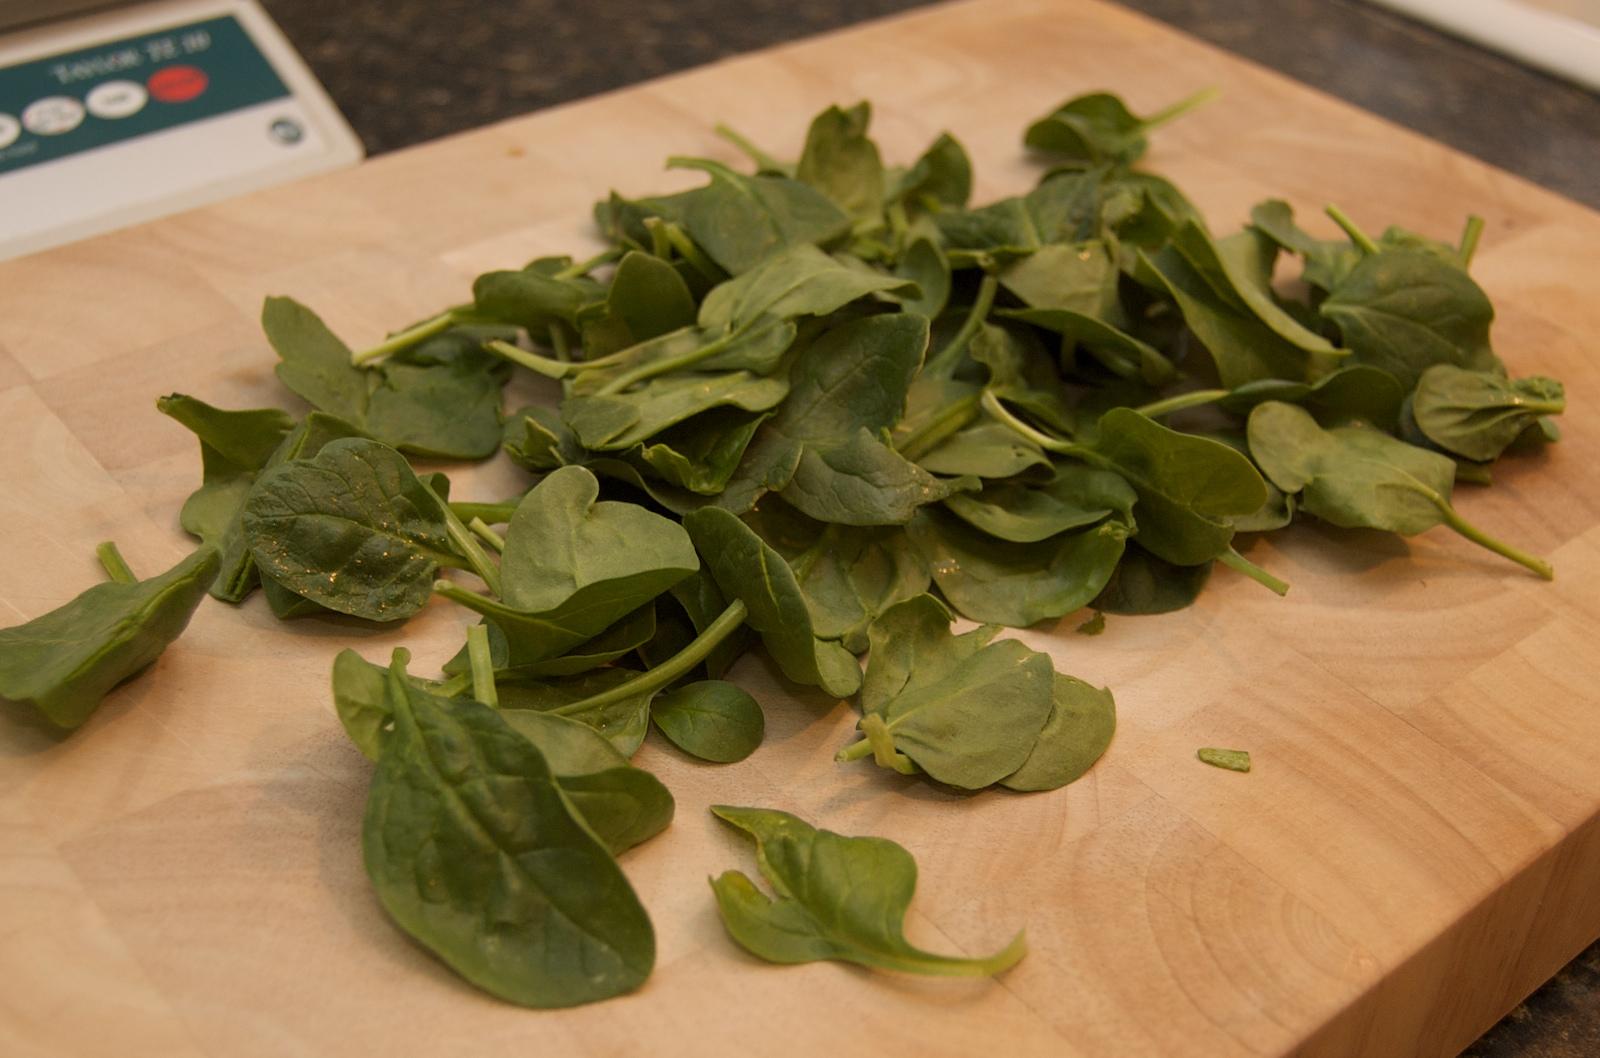 http://blog.rickk.com/food/2010/04/08/salad3.jpg